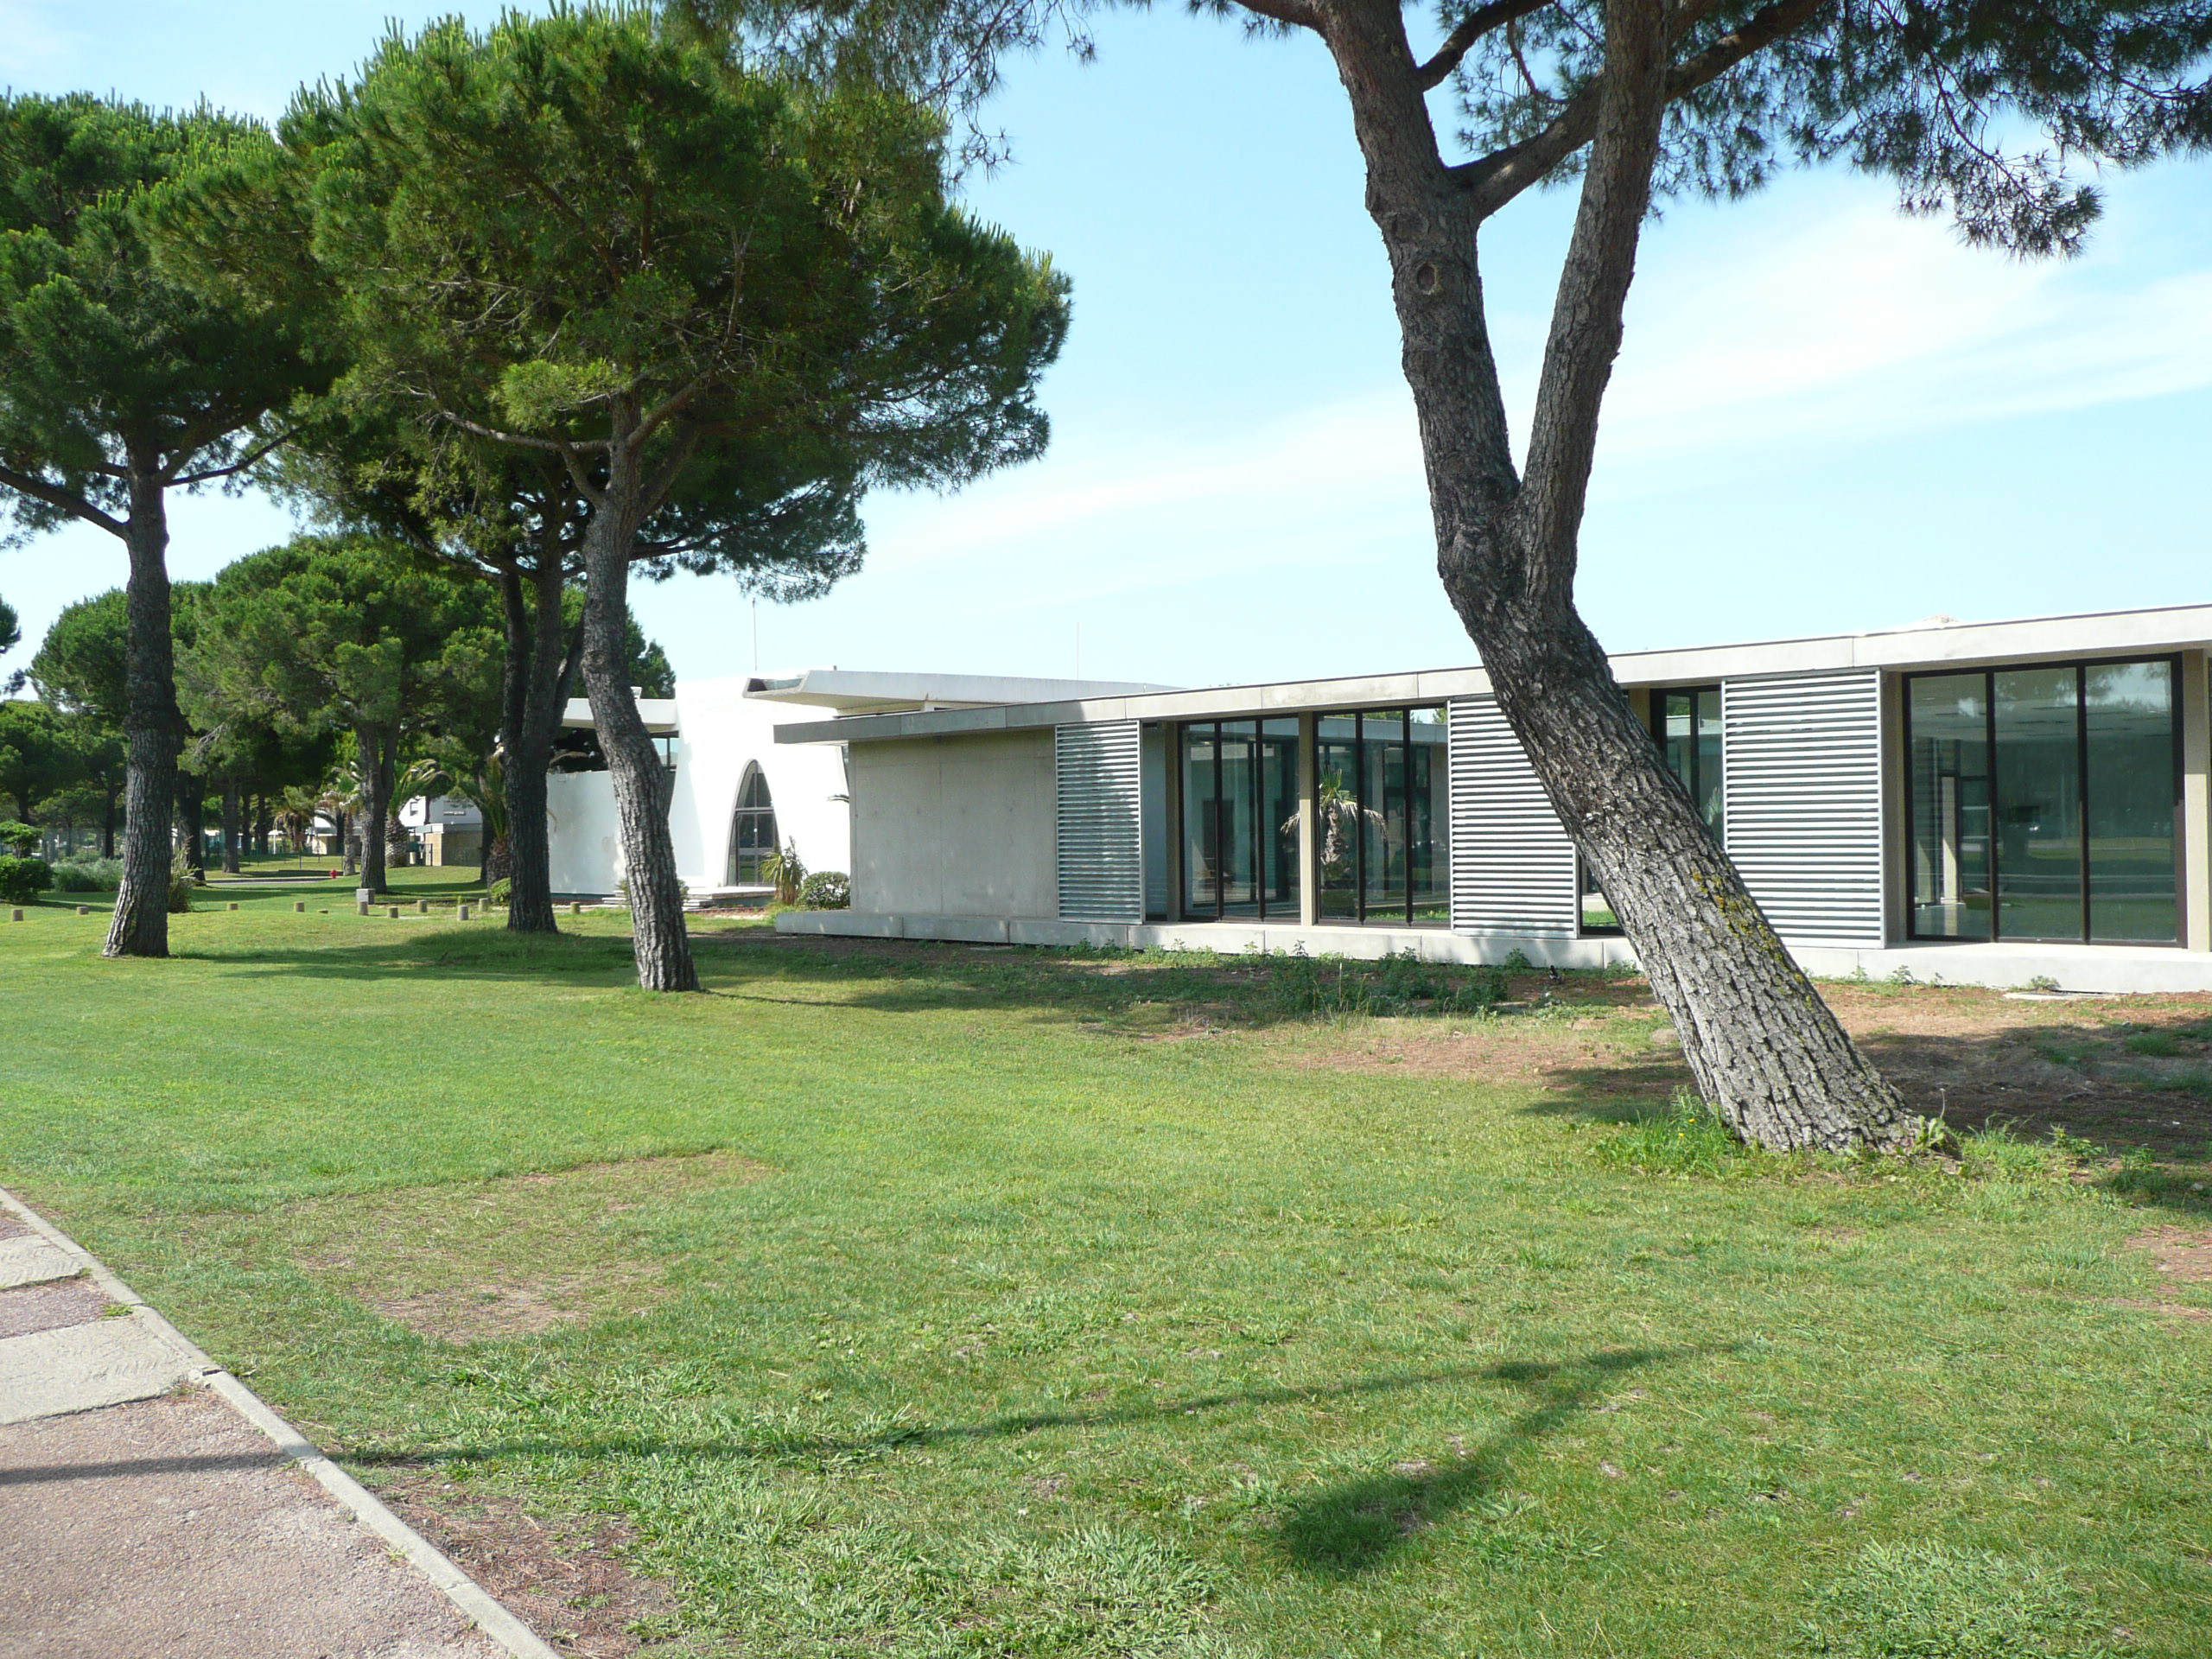 Carrefour 2000 rénovation et construction au Grau-du-Roi par l'agence ABH